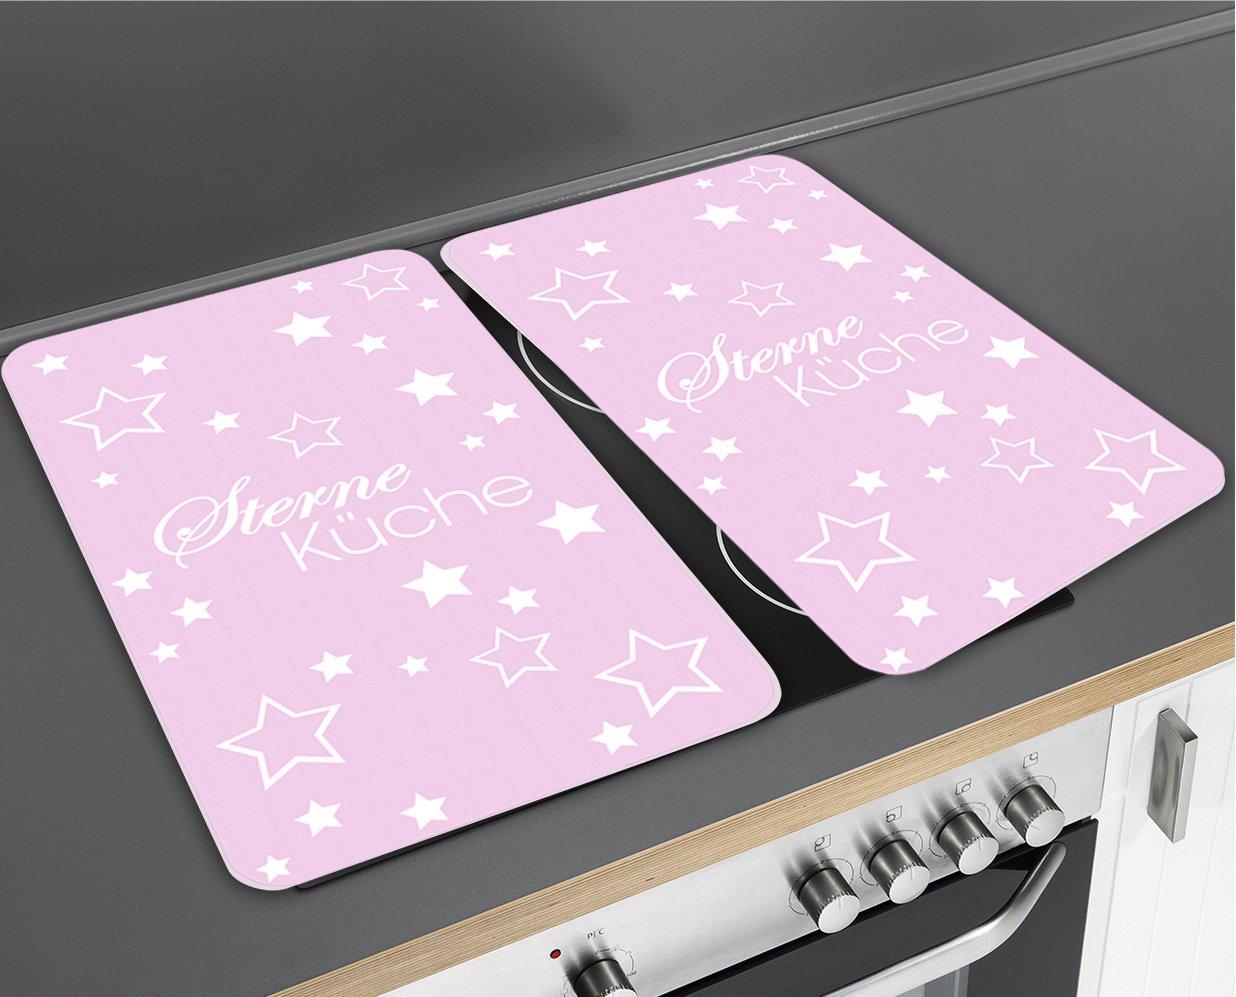 Geh/ärtetes Glas 2-er Set 52 x 30 x 4,5 cm Wenko 2521477500 Herdabdeckplatte Universal Sternek/üche f/ür Alle Herdarten rosa